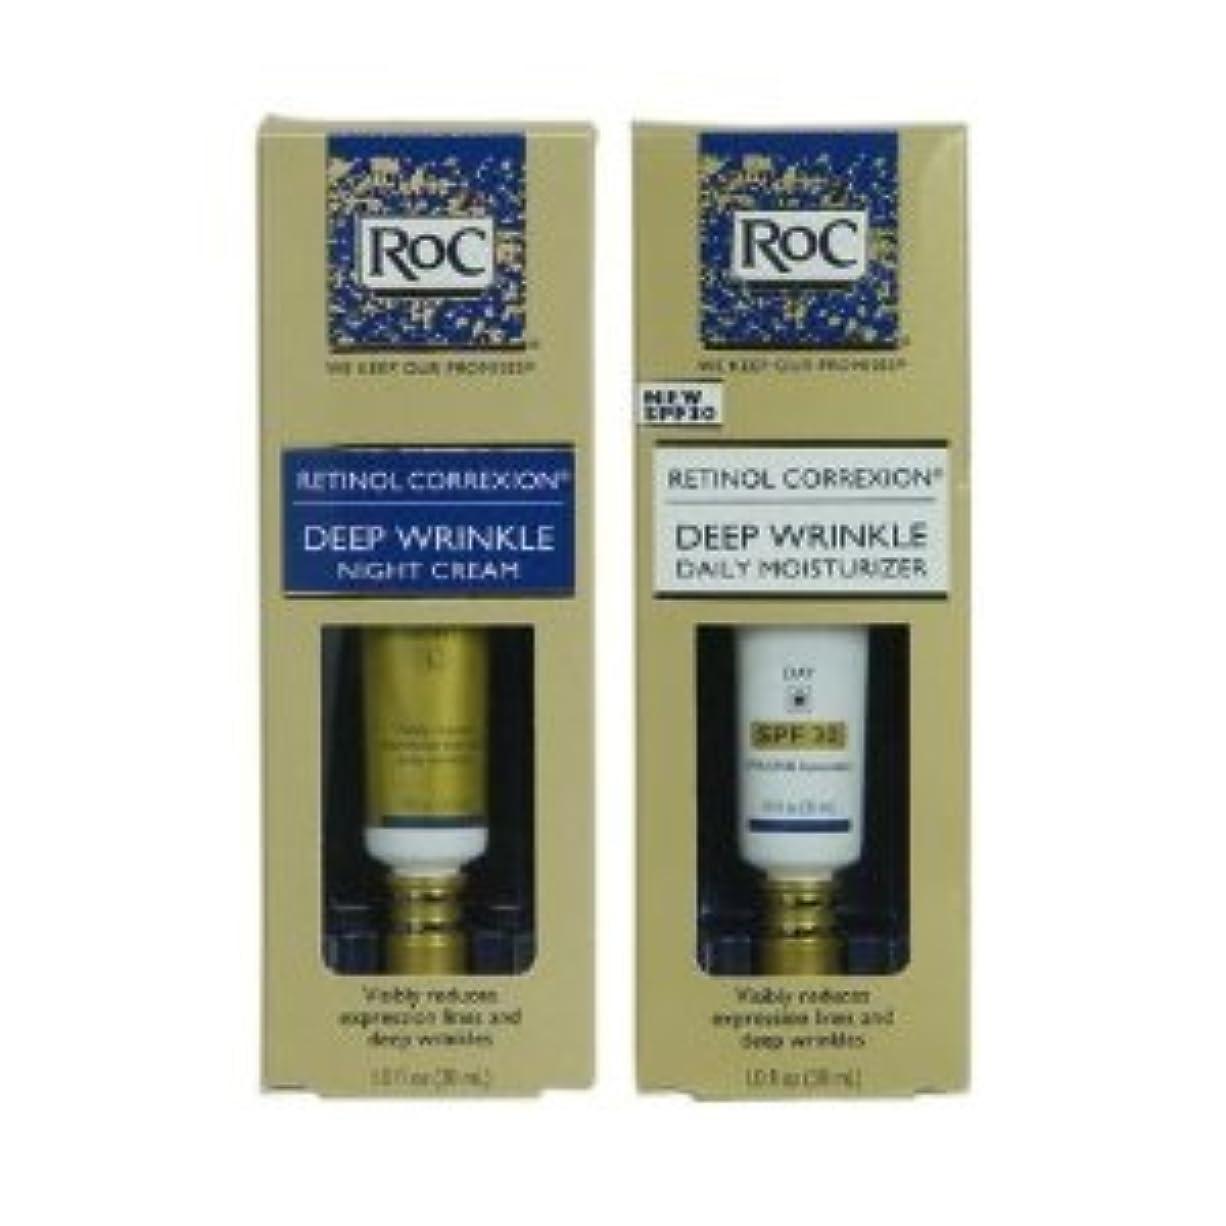 ほのかデンプシー廃棄RoC レチノール コレクション 2本セット (昼+夜セット) フランス製 RoC Retinol Correxion Deep Wrinkle Day/Night set